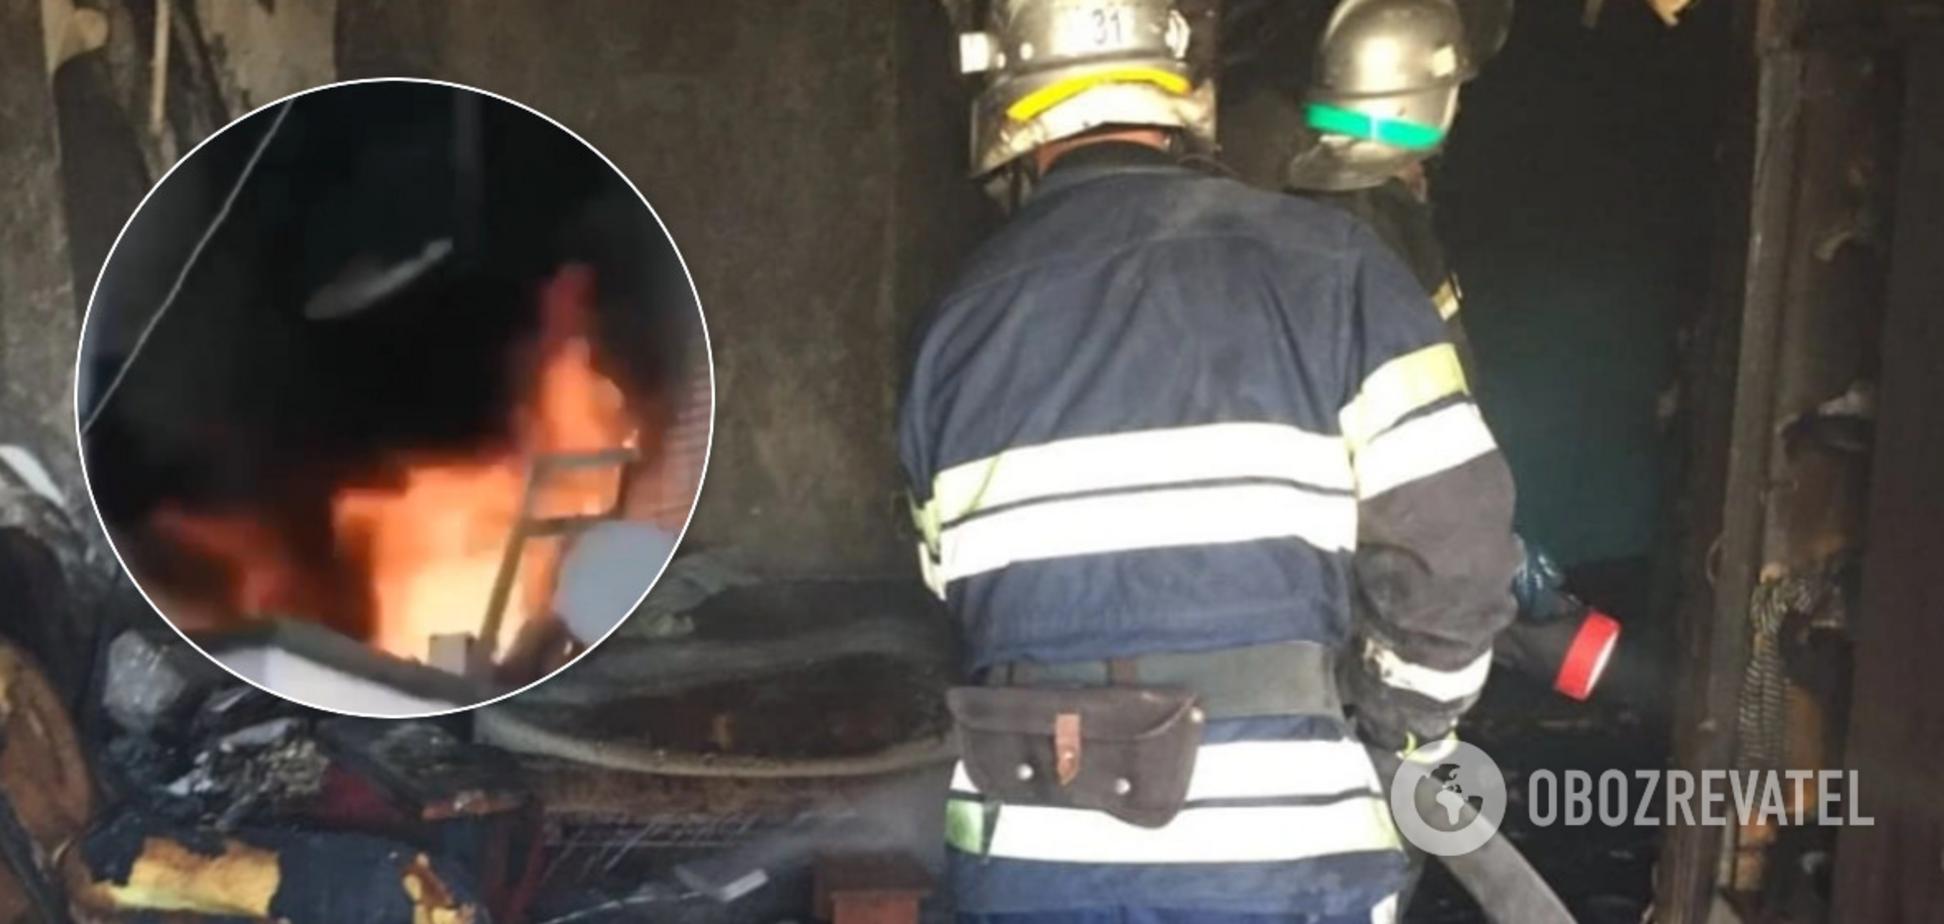 Взрыв в Новомосковске устроил депутат: соседи раскрыли новые подробности